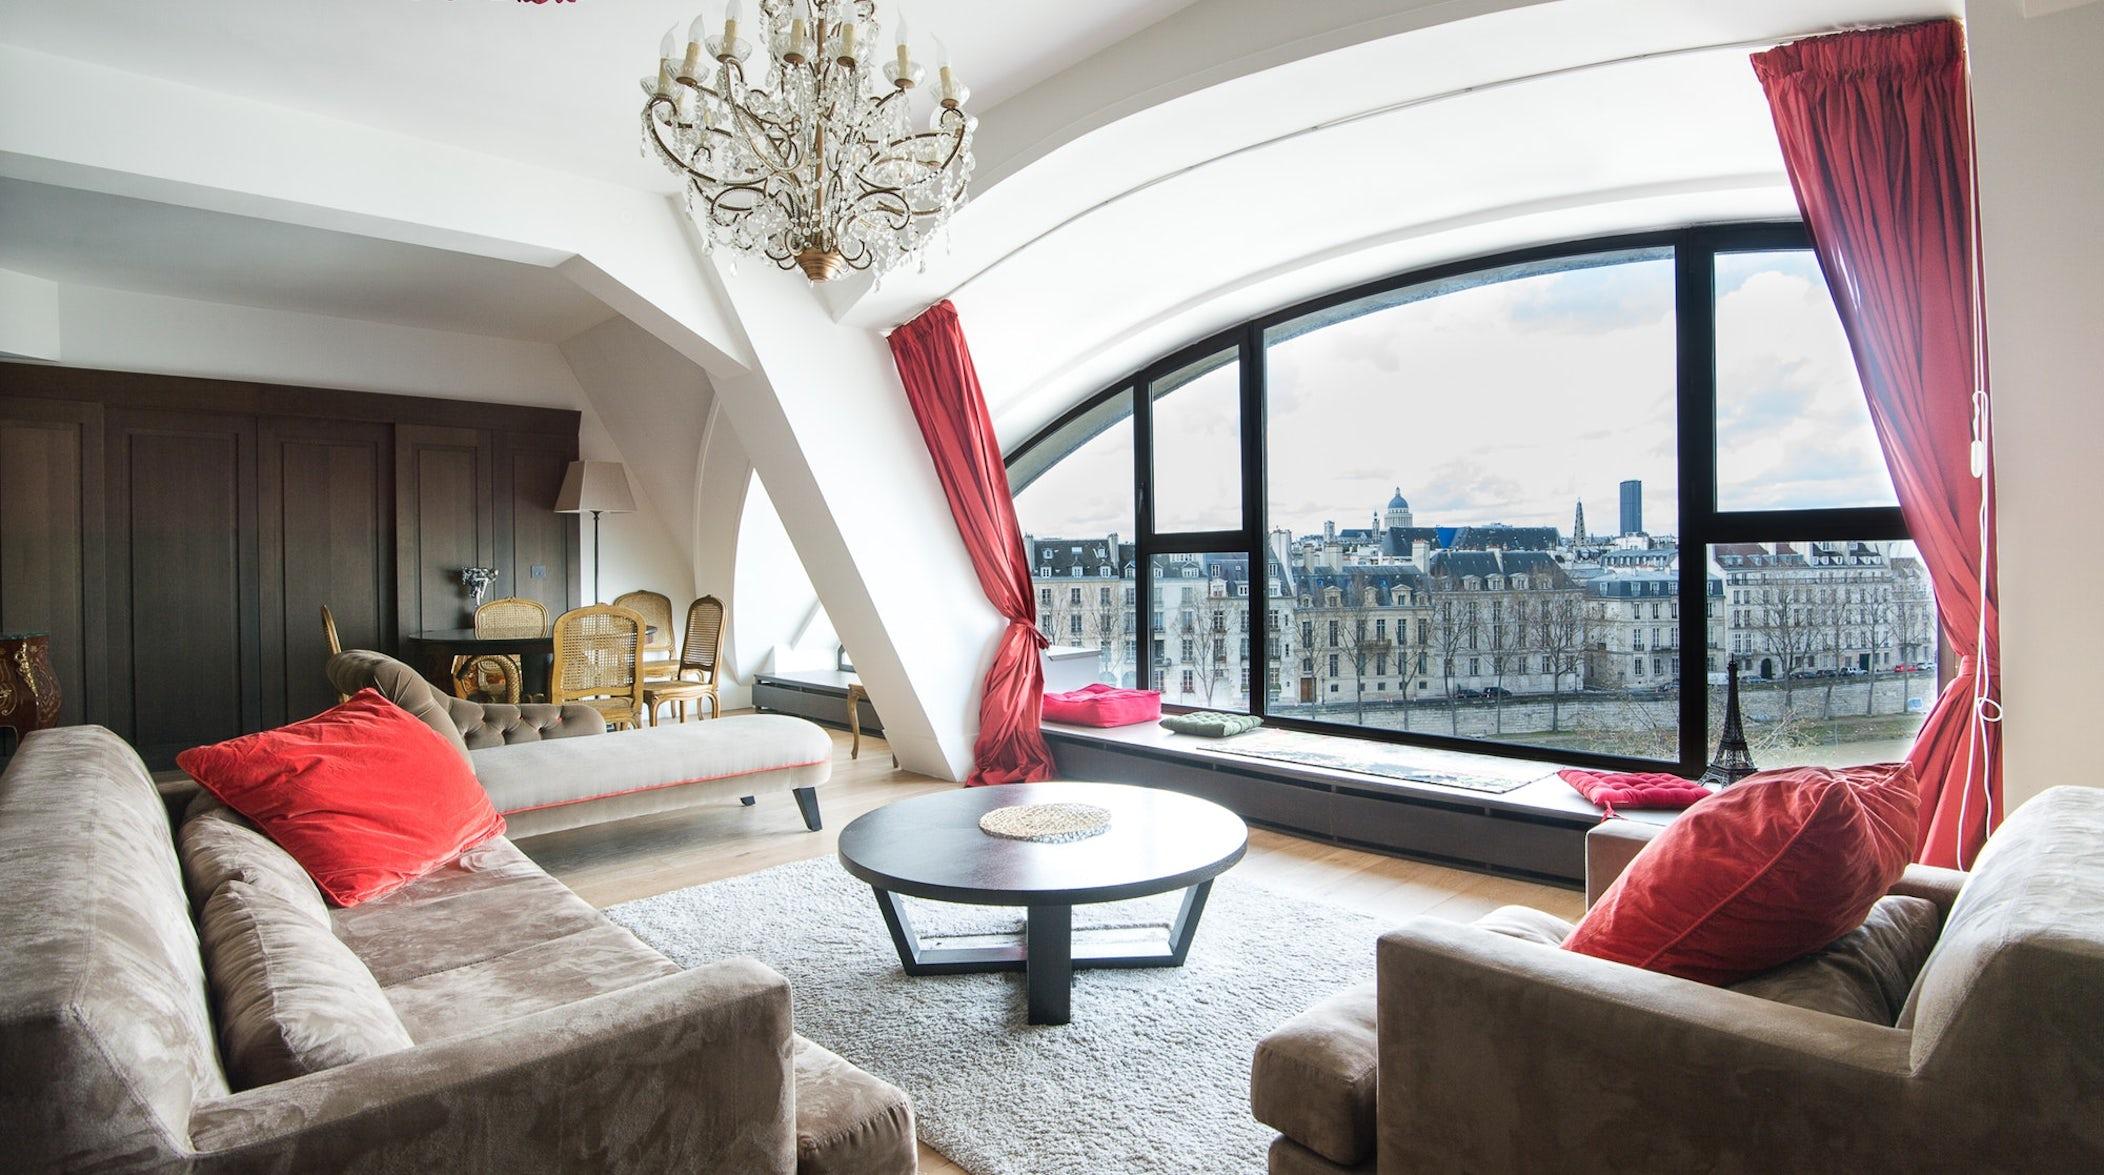 My Home In Paris quai des célestins ii, le marais, paris | the plum guide